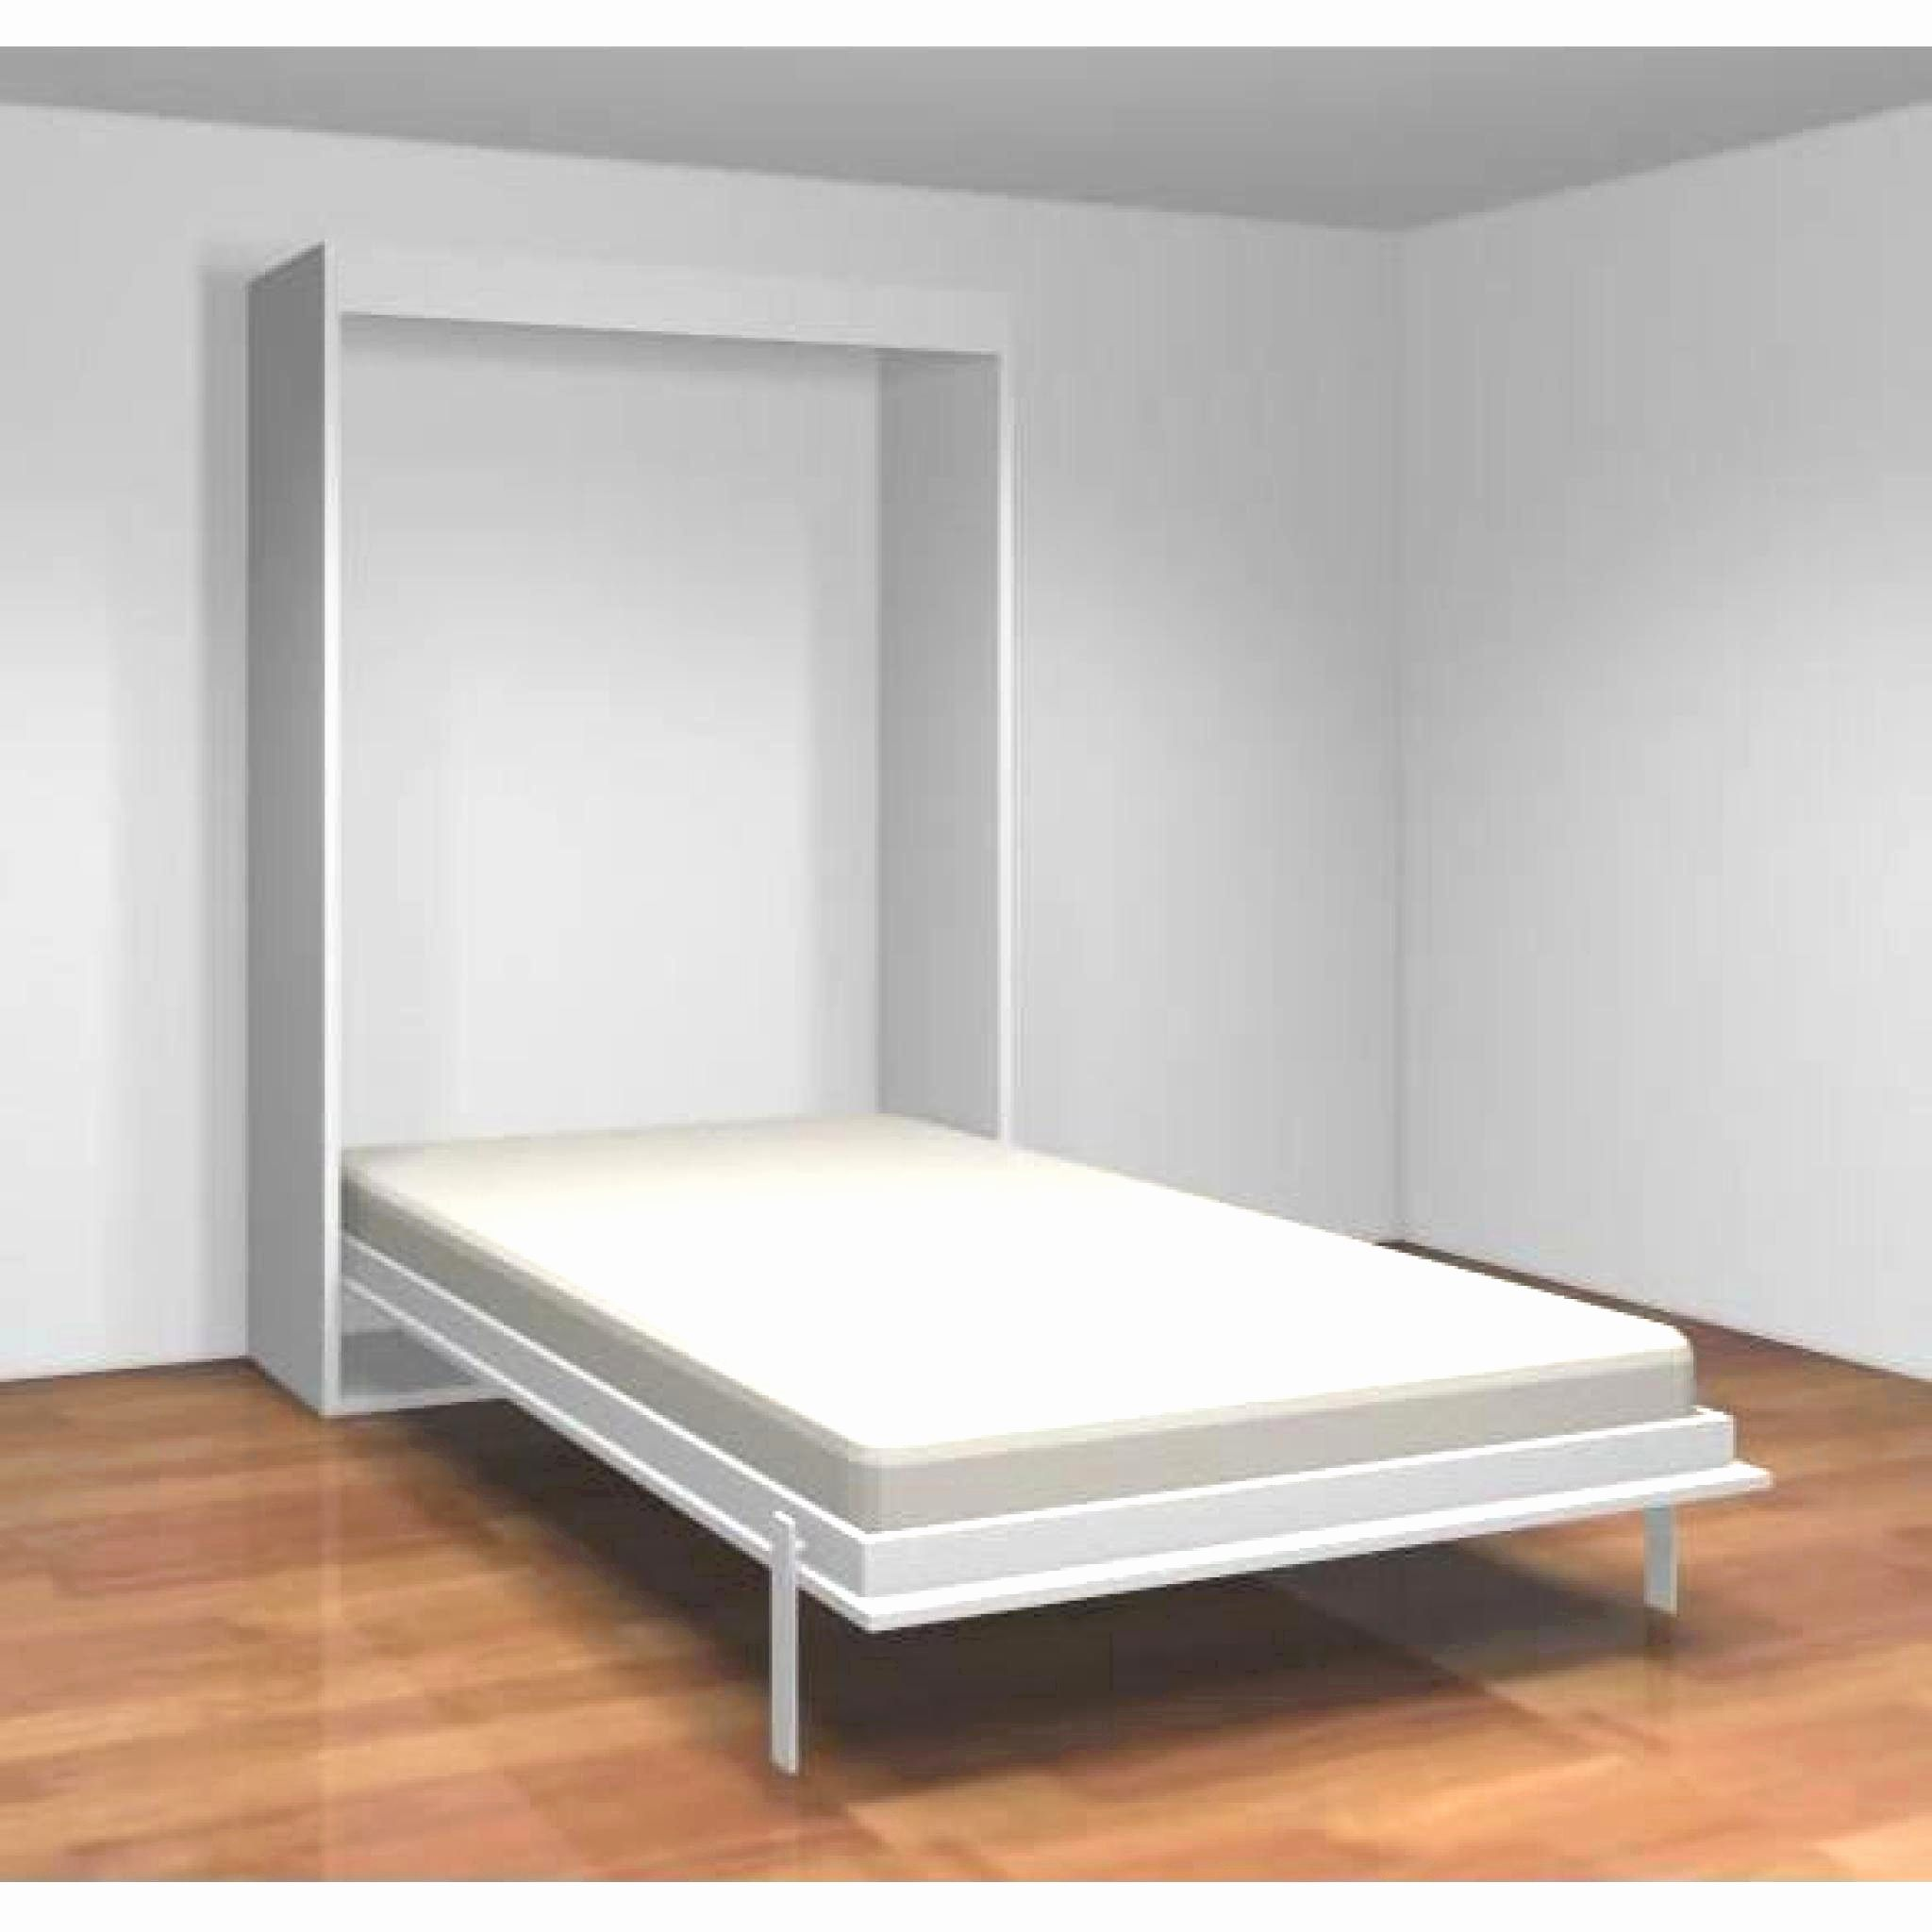 Lit Escamotable Ikea 2 Places Élégant Lit Escamotable 2 Places élégant Ikea Banquette Lit Lits